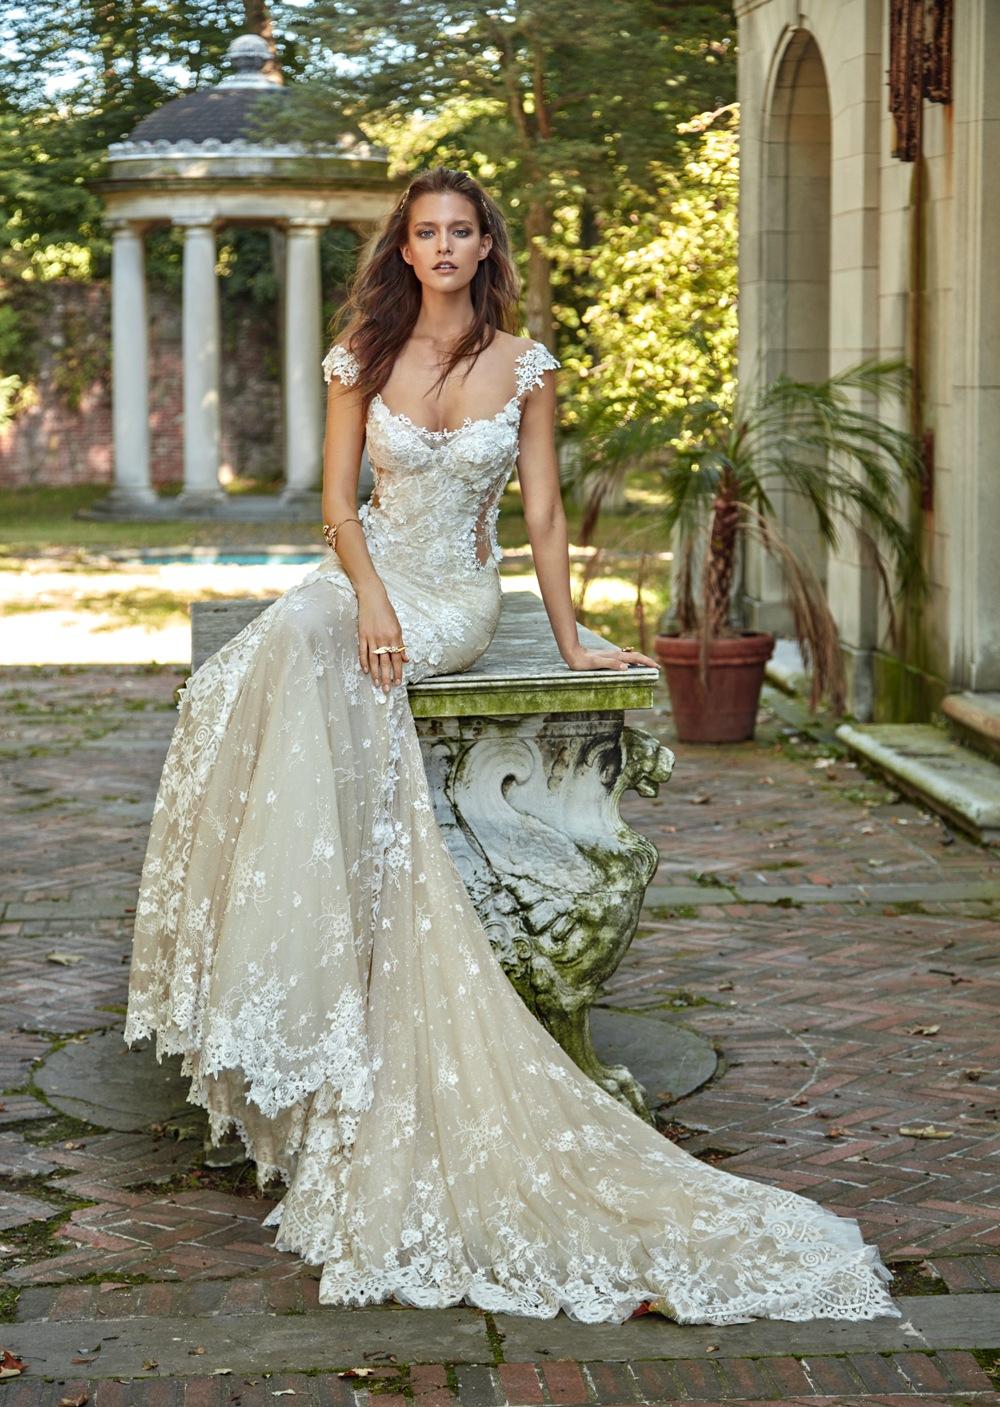 Romantisches Brautkleid von Galia Lahav